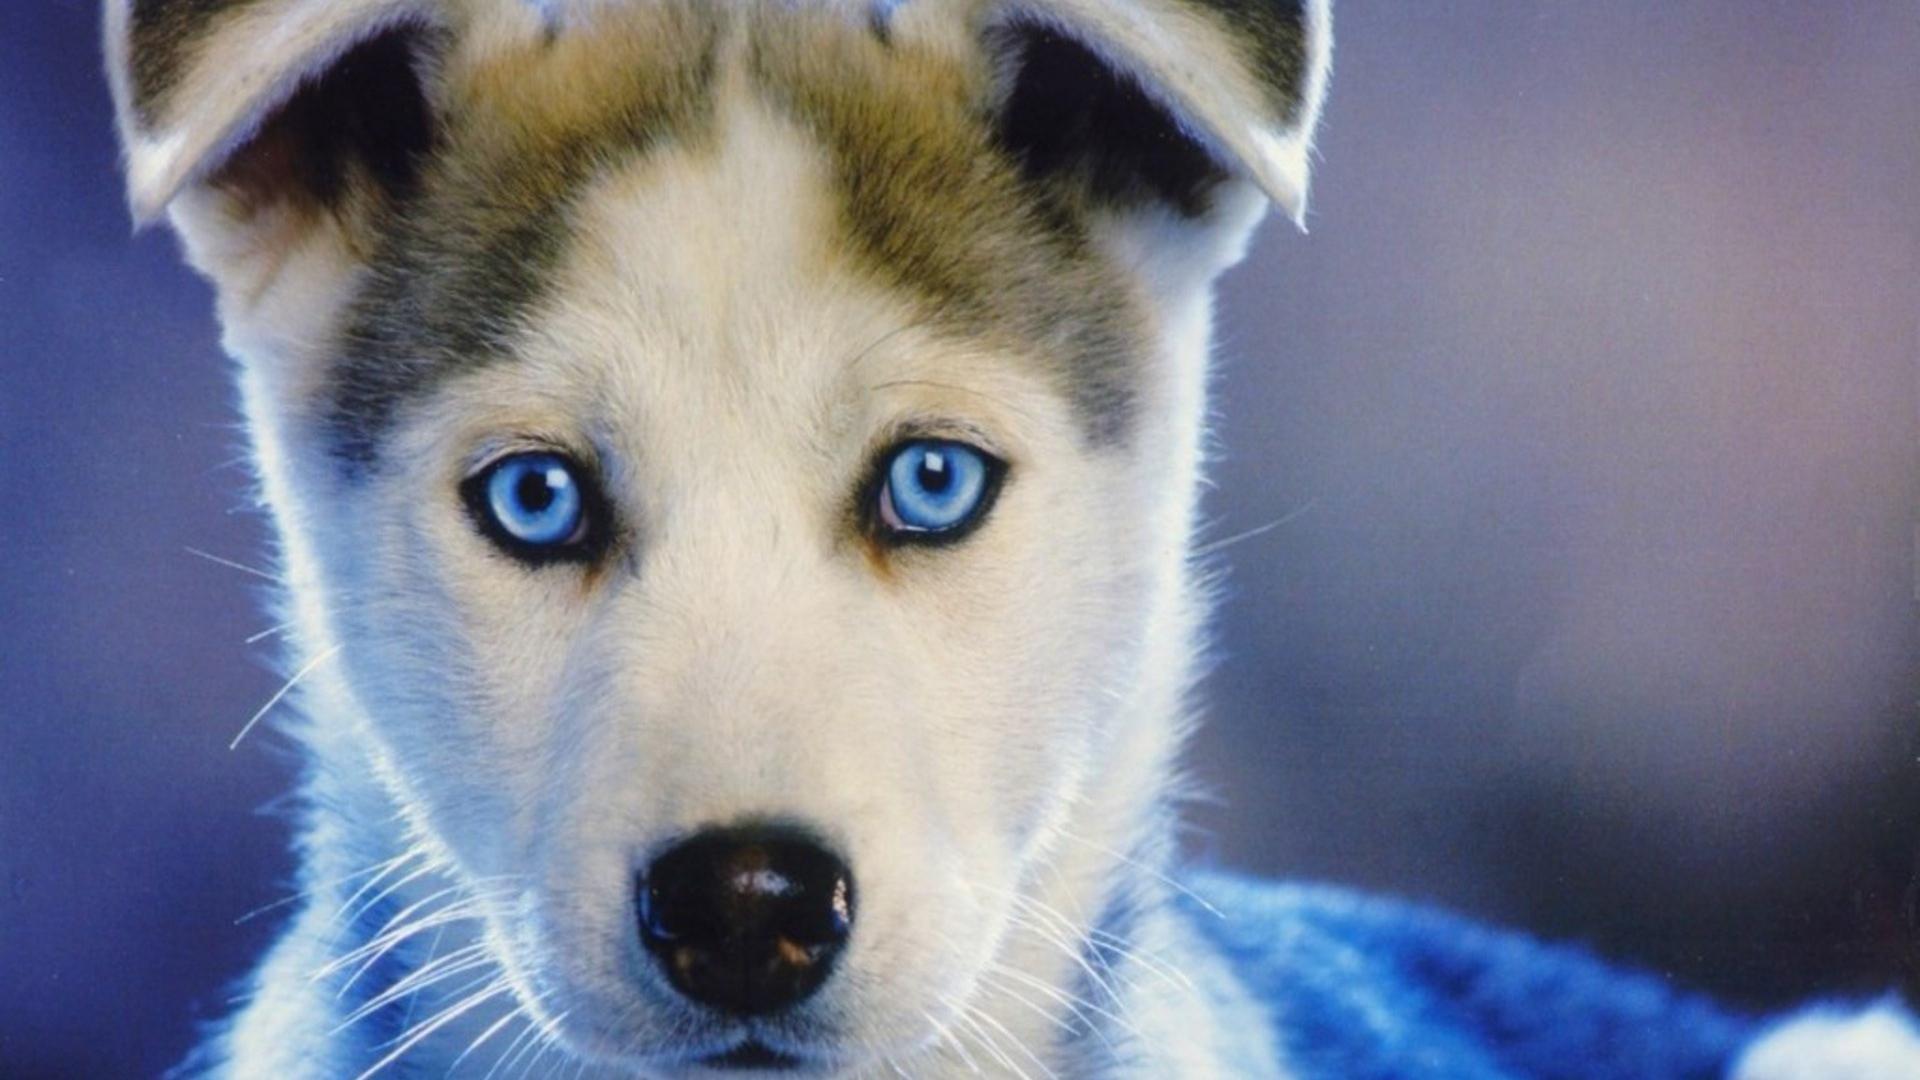 imagenes de perritos9 Imágenes de Perritos